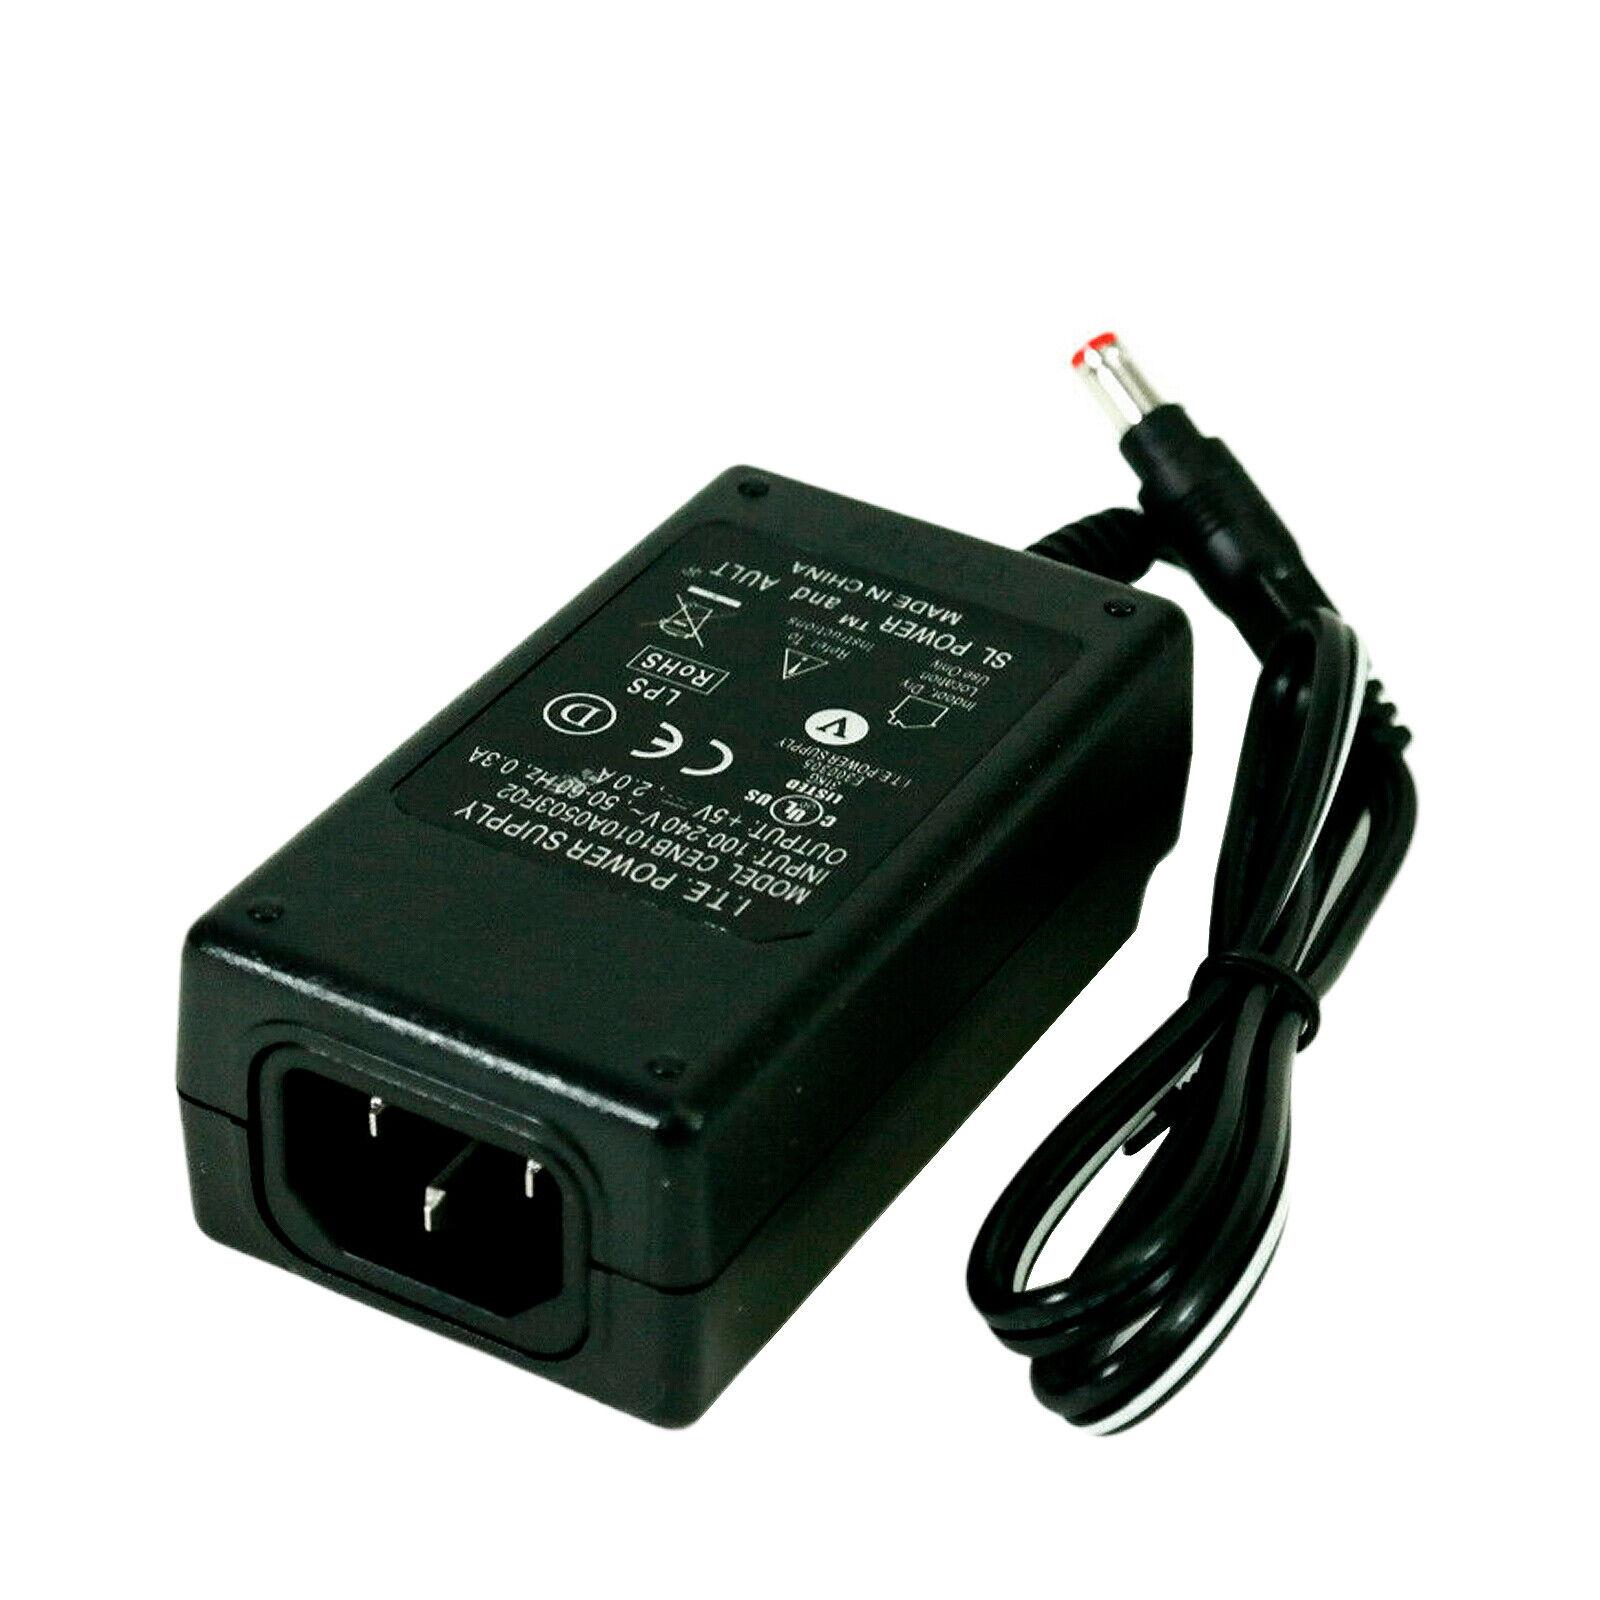 NEW Genuine I.T.E AC Power Adapter 5V 2A For Cisco ATA-182 ATA-186 VoIP w/o PC